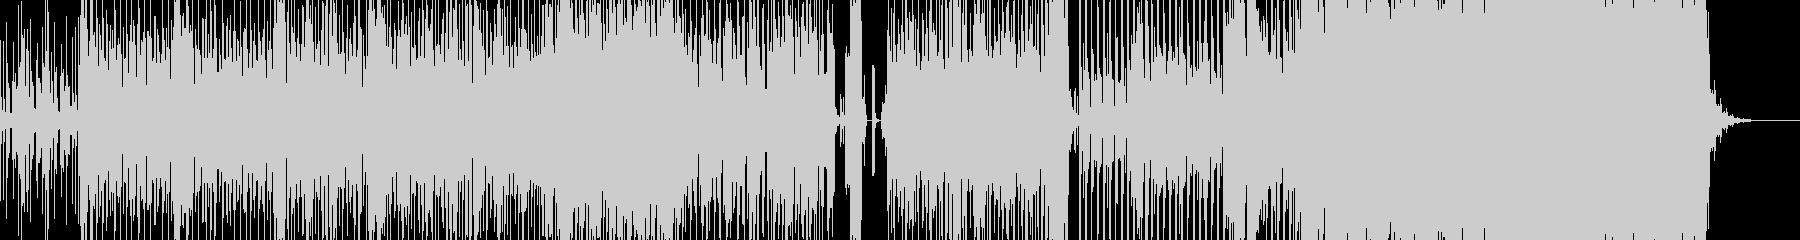 激しいロックファンクの未再生の波形